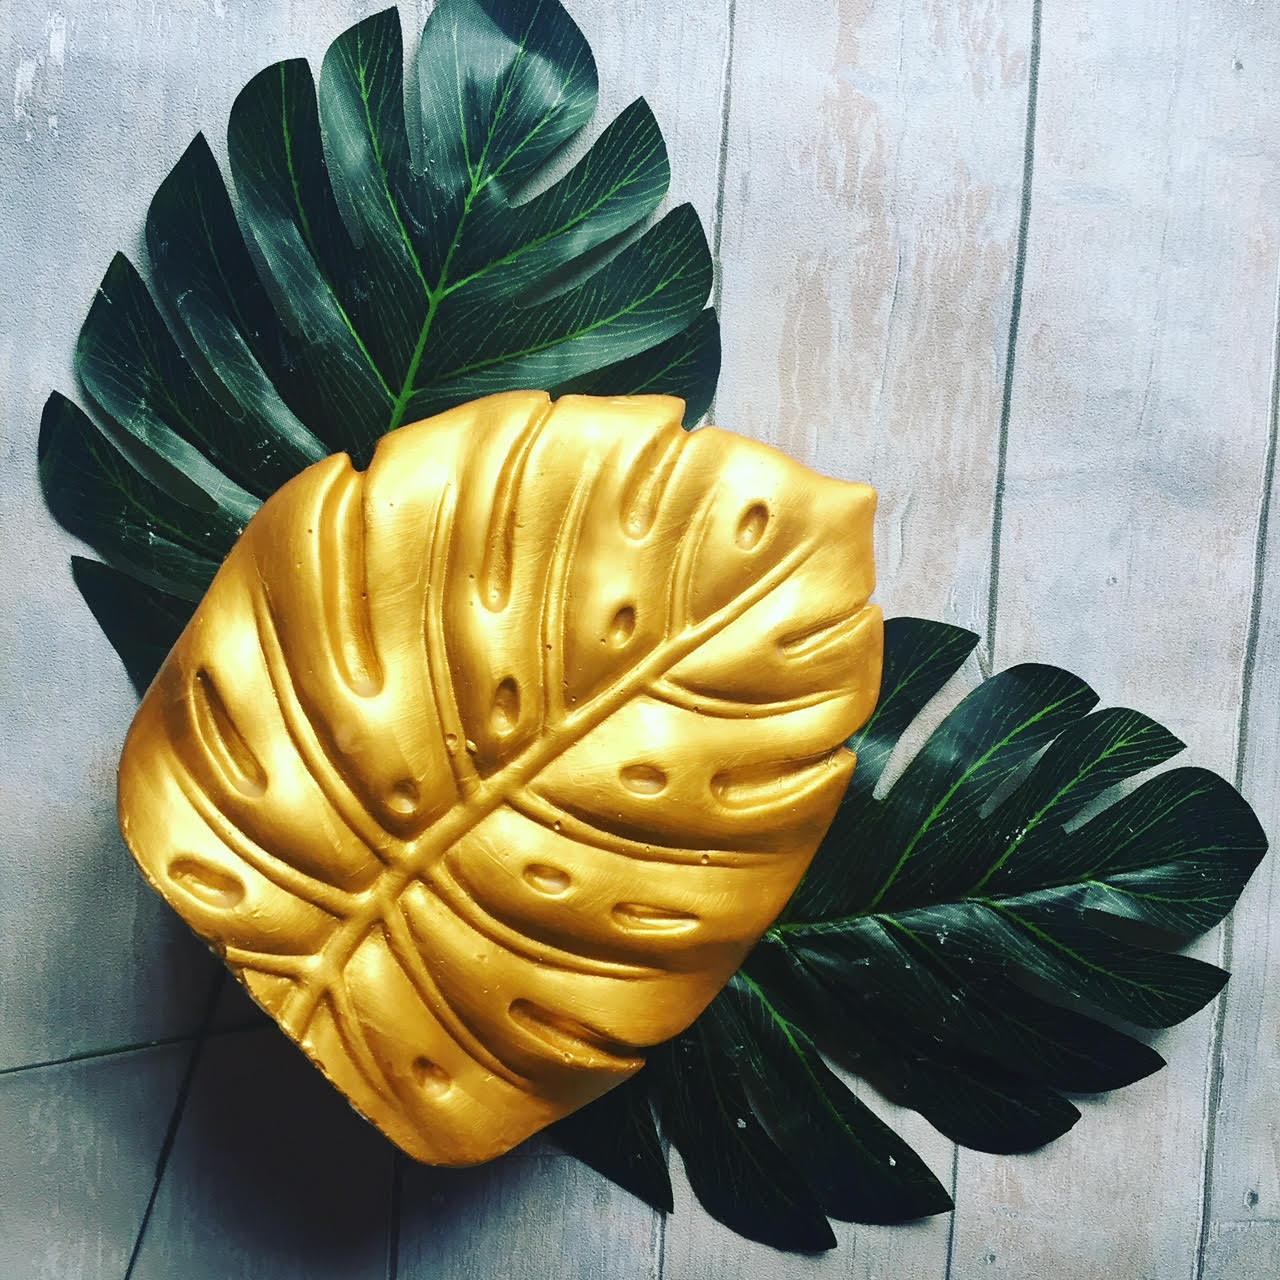 On trend Monstera Deliciosa leaf ornament